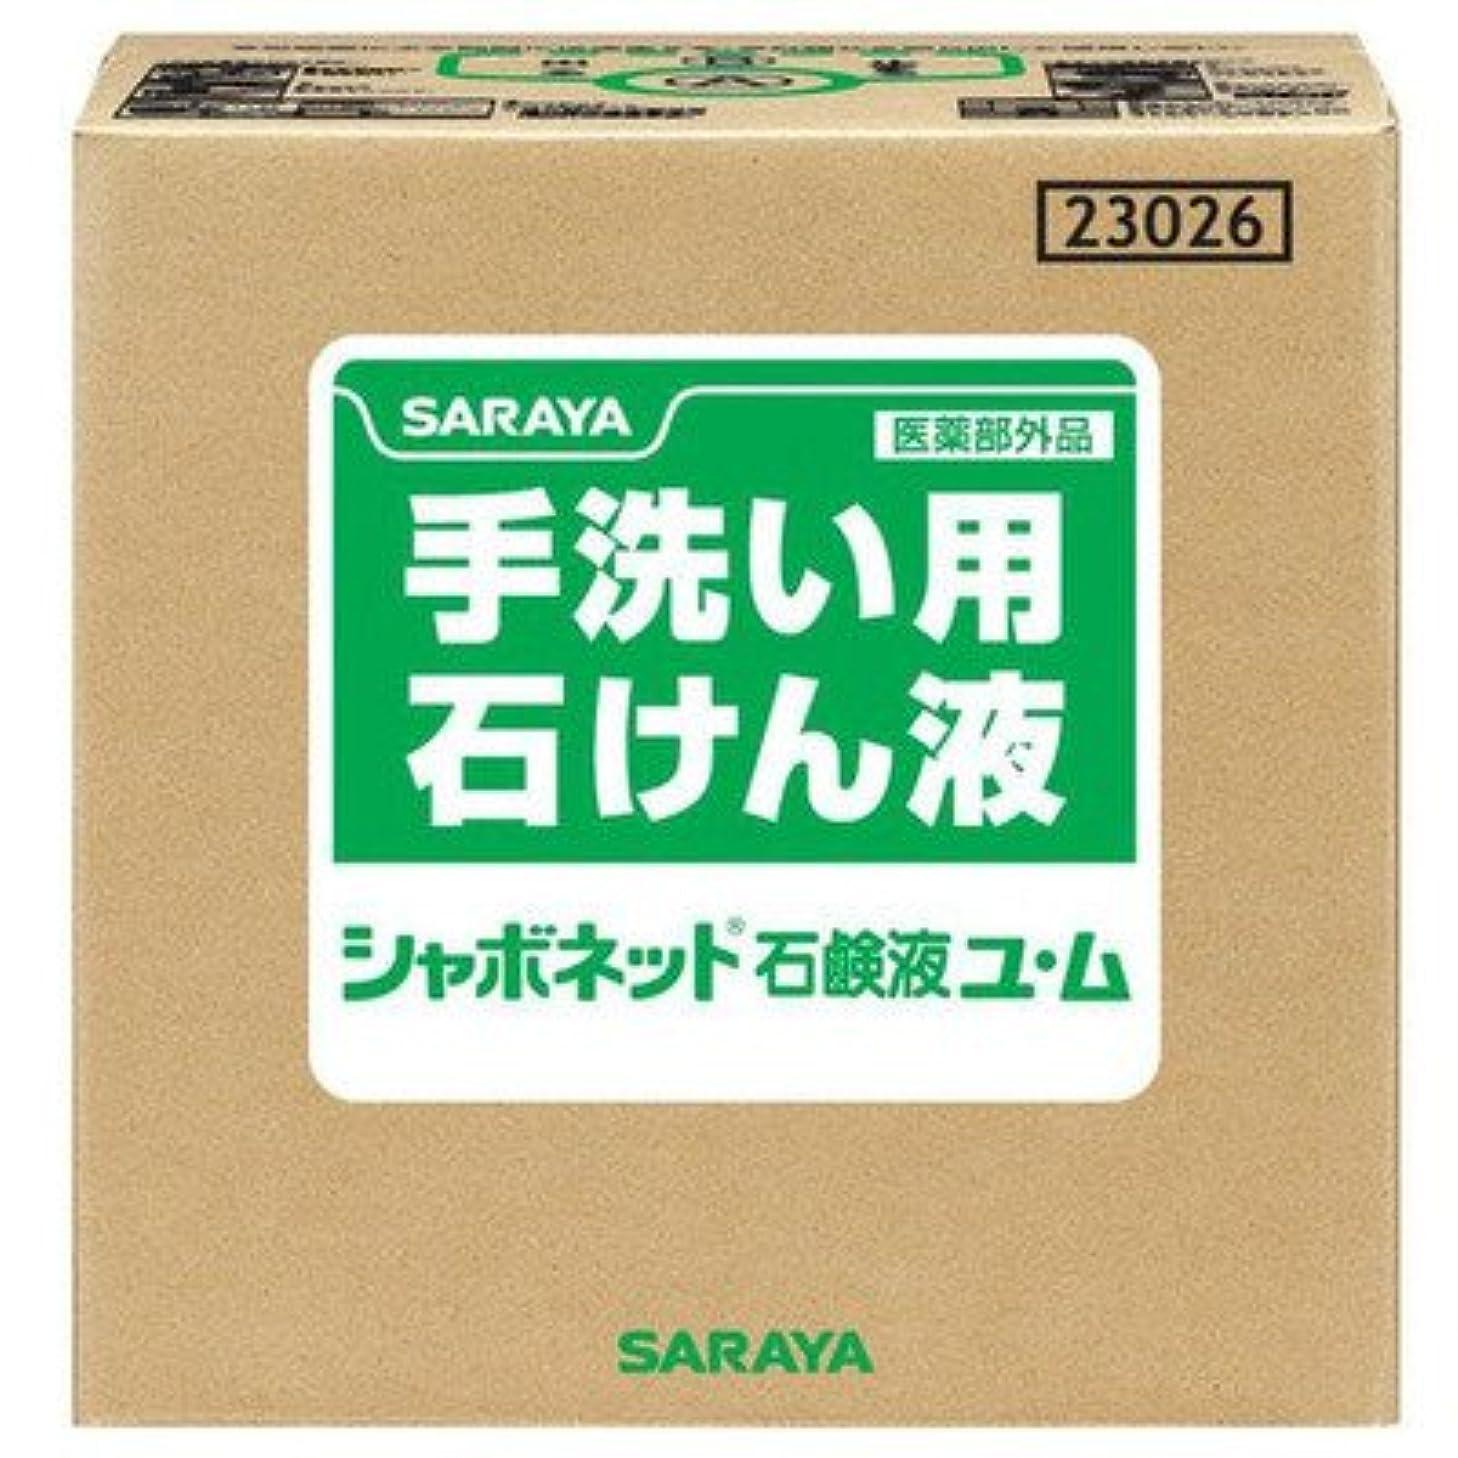 形サンダー鉛筆有色?無臭の手洗い石けん液 サラヤ シャボネット 石鹸液ユ?ム 20kg×1箱 BIB